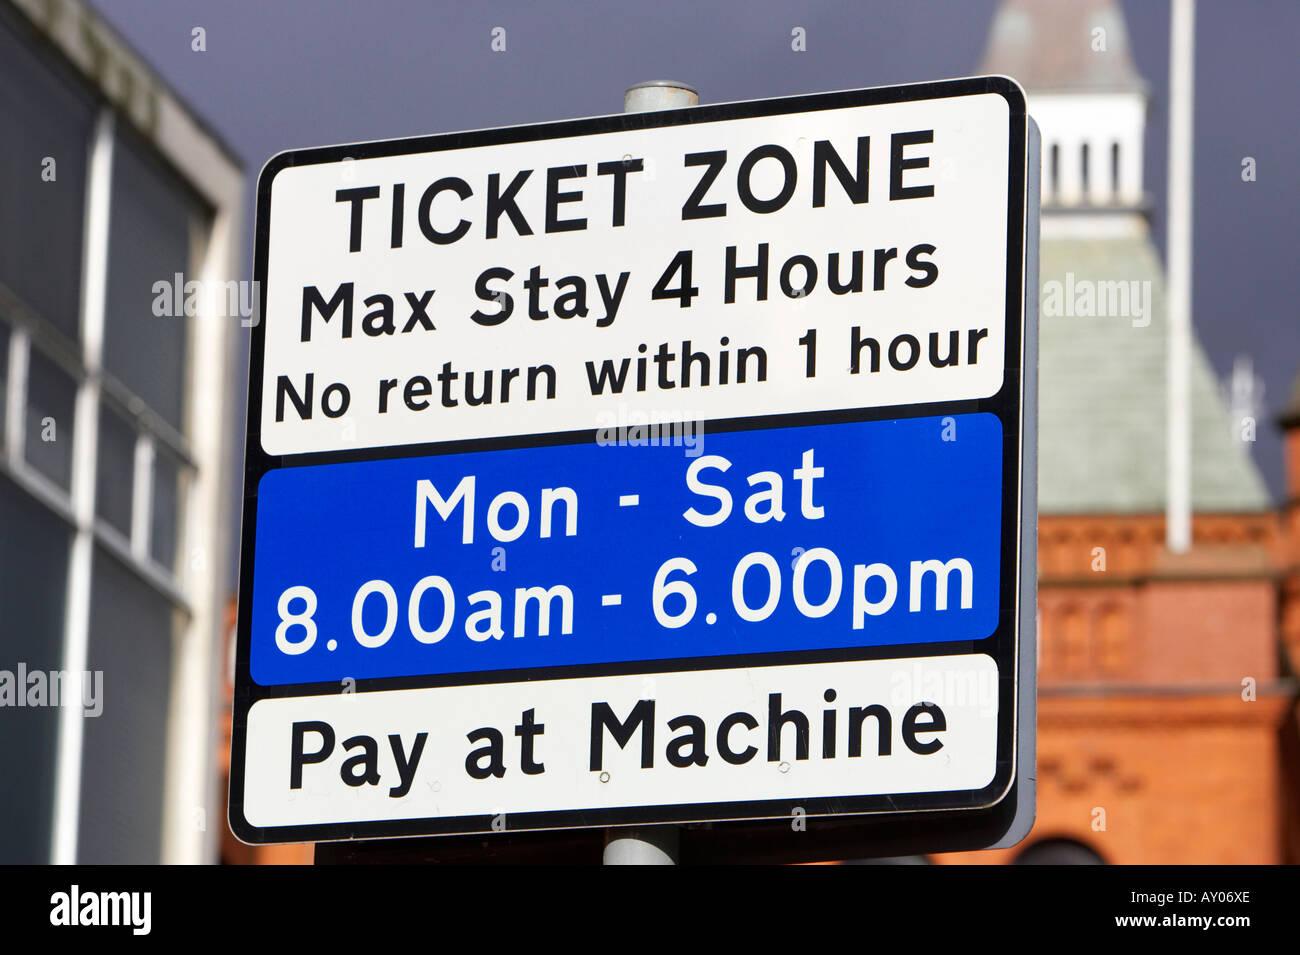 Zone de restriction de stationnement sur rue zone ticket connectez-vous du lundi au samedi de 8h00 à 18h00 machine à payer Photo Stock